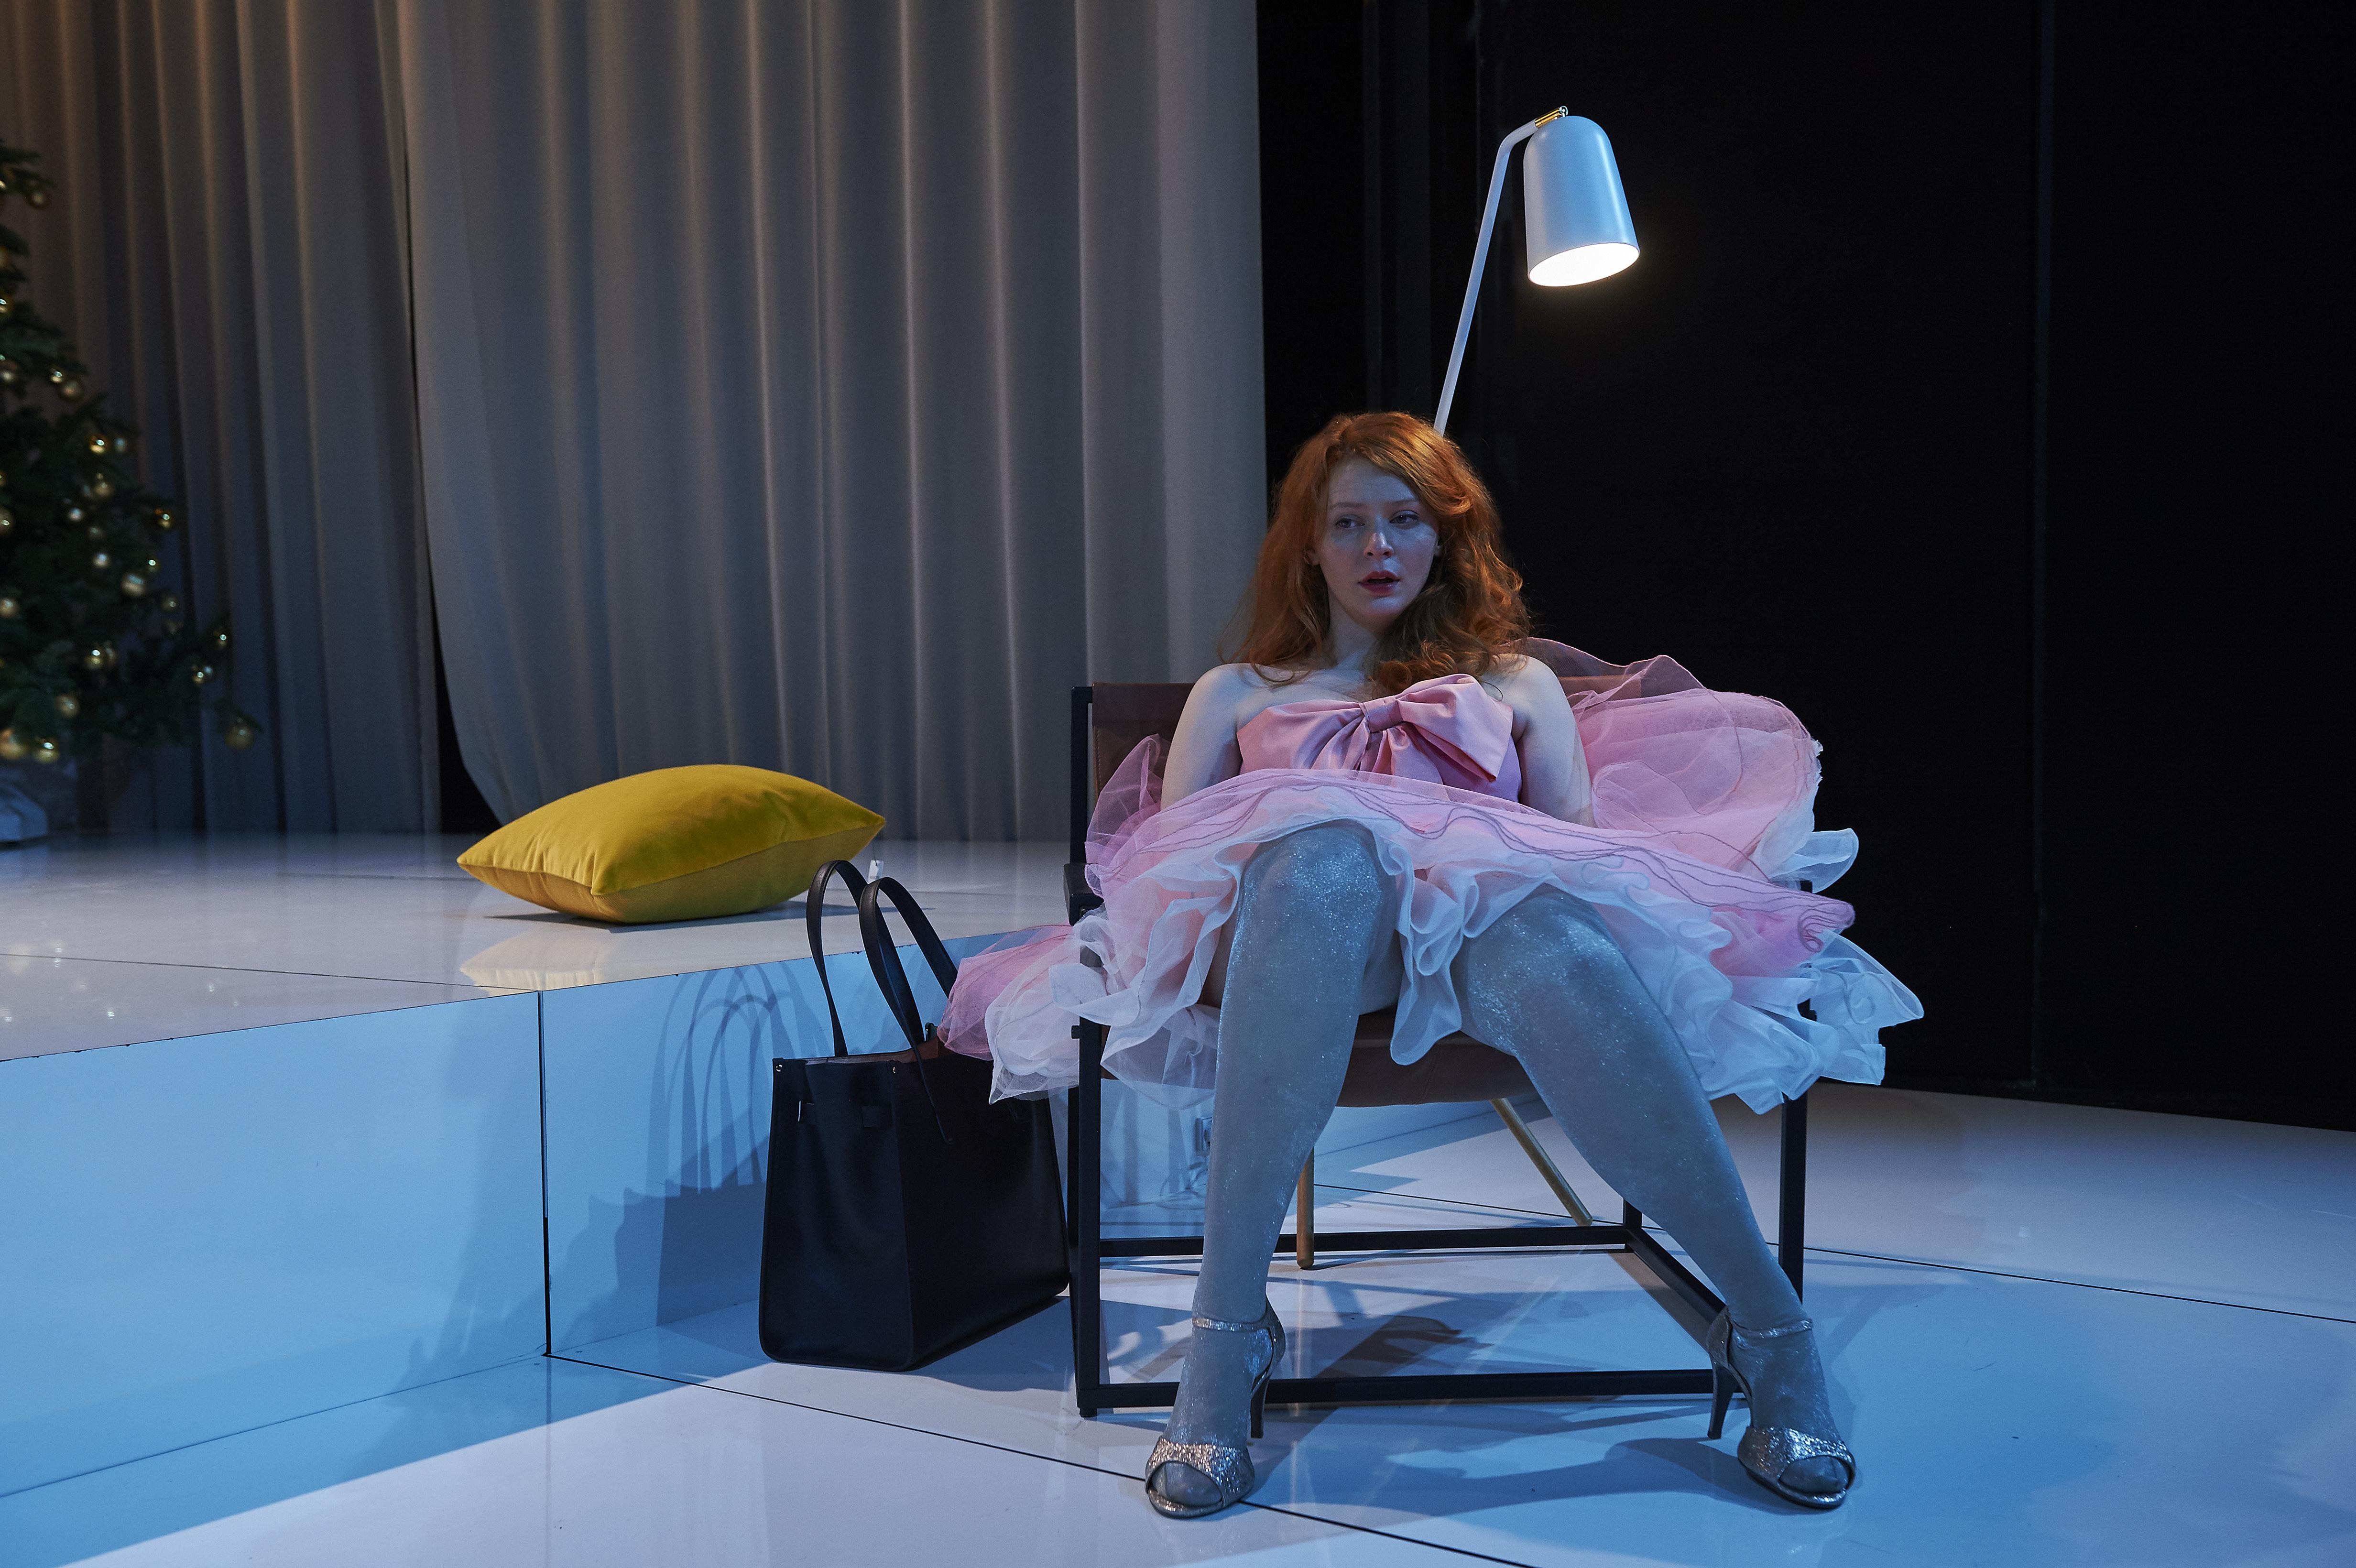 Anmeldelse af Et Dukkehjem: Aalborg Teater betager med nyfortolkning